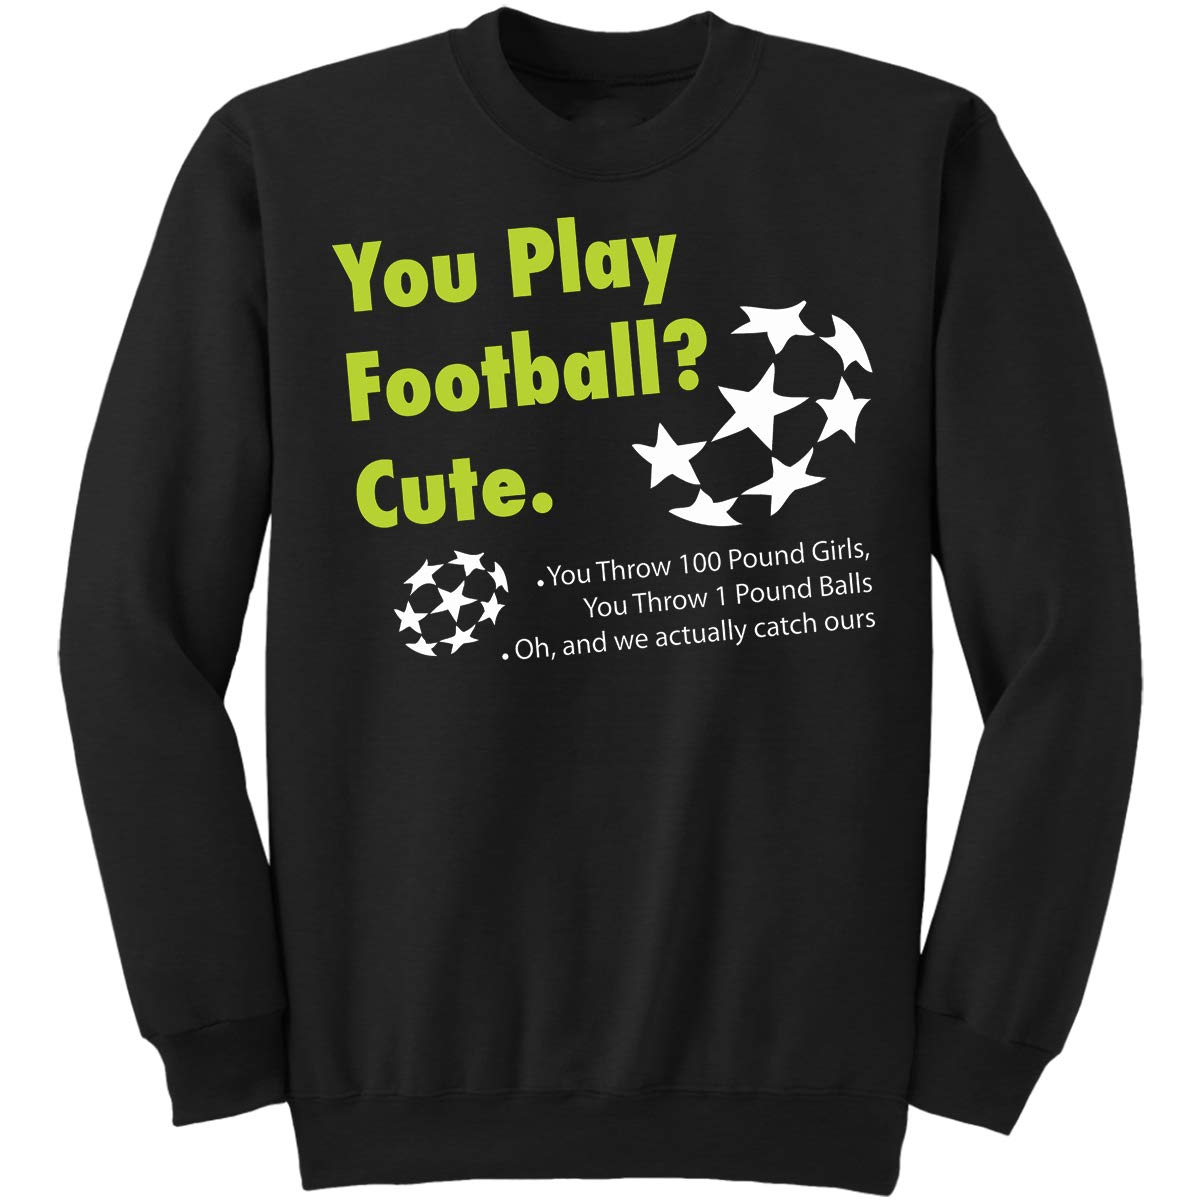 You Play Football Cute Ch Sweatshirt Cheerleader